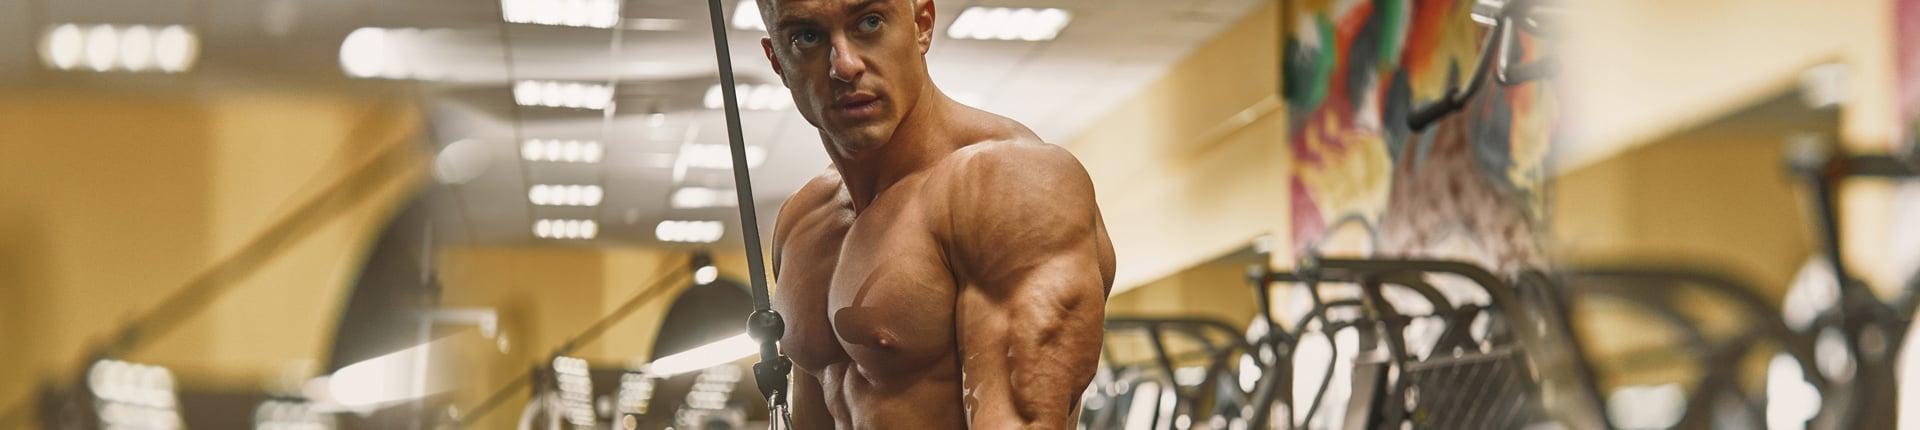 5 najlepszych ćwiczeń na tricepsy